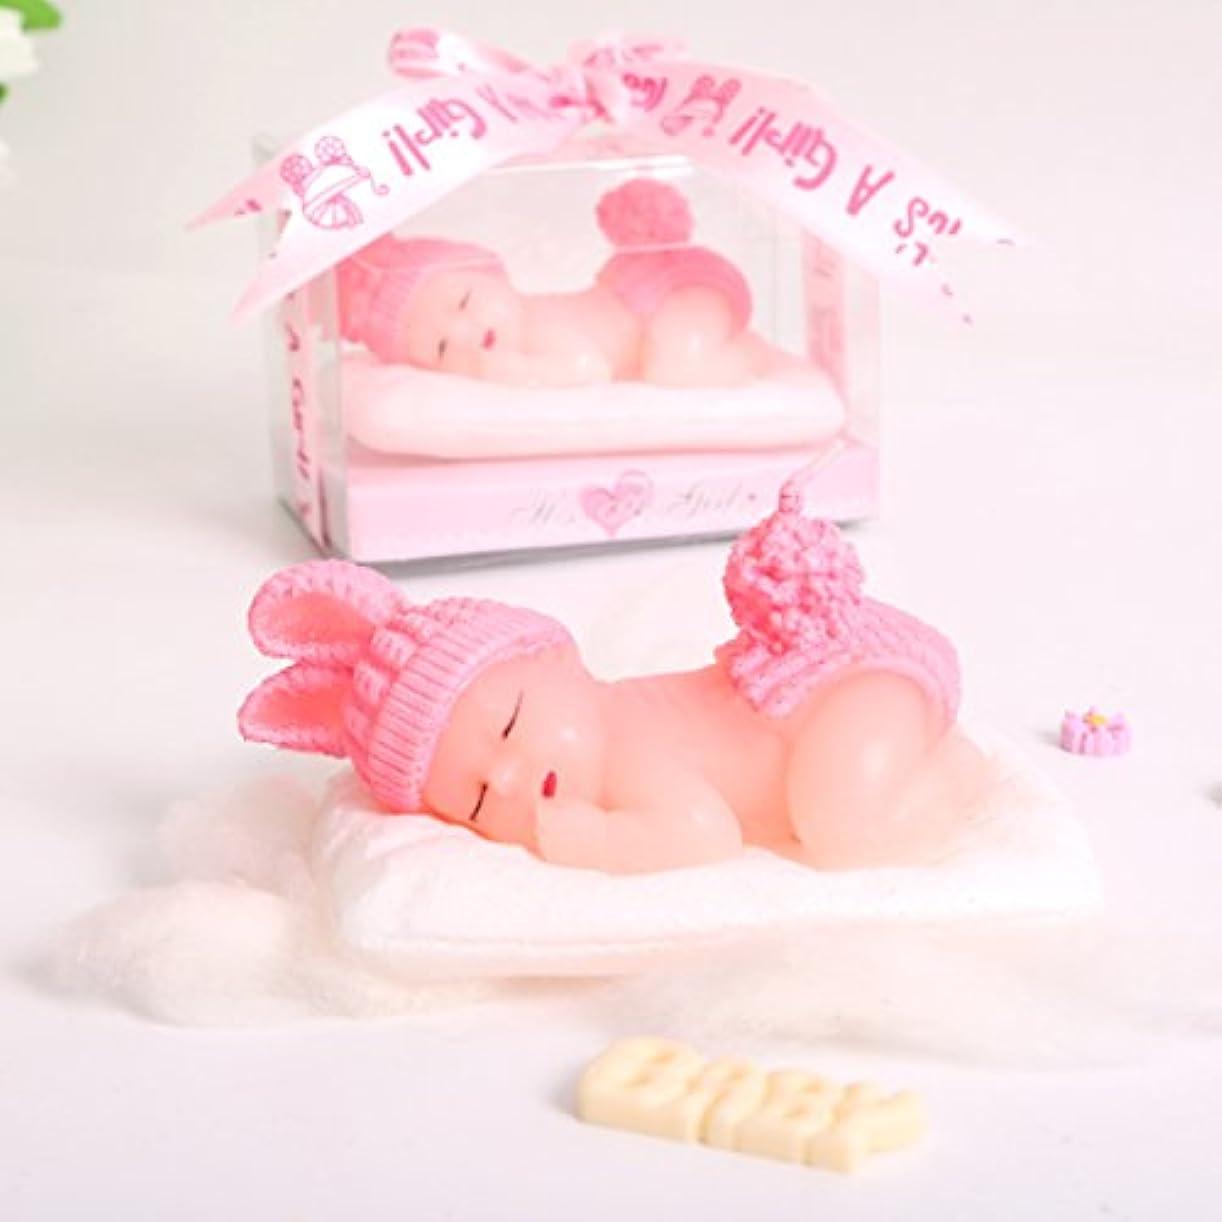 説得鉱夫安らぎ(1 Pack, It's a Girl) - Adorable Mini Baby Birthday Candle Christening Baby Shower Favours Attached with Greeting...